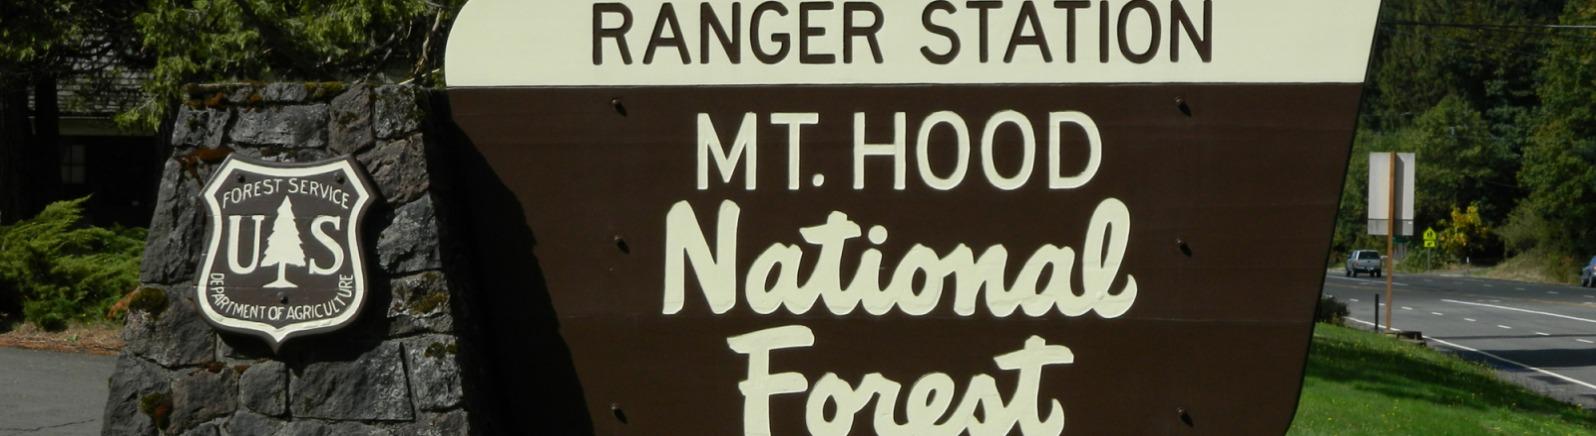 Mt Hood National Forest sign